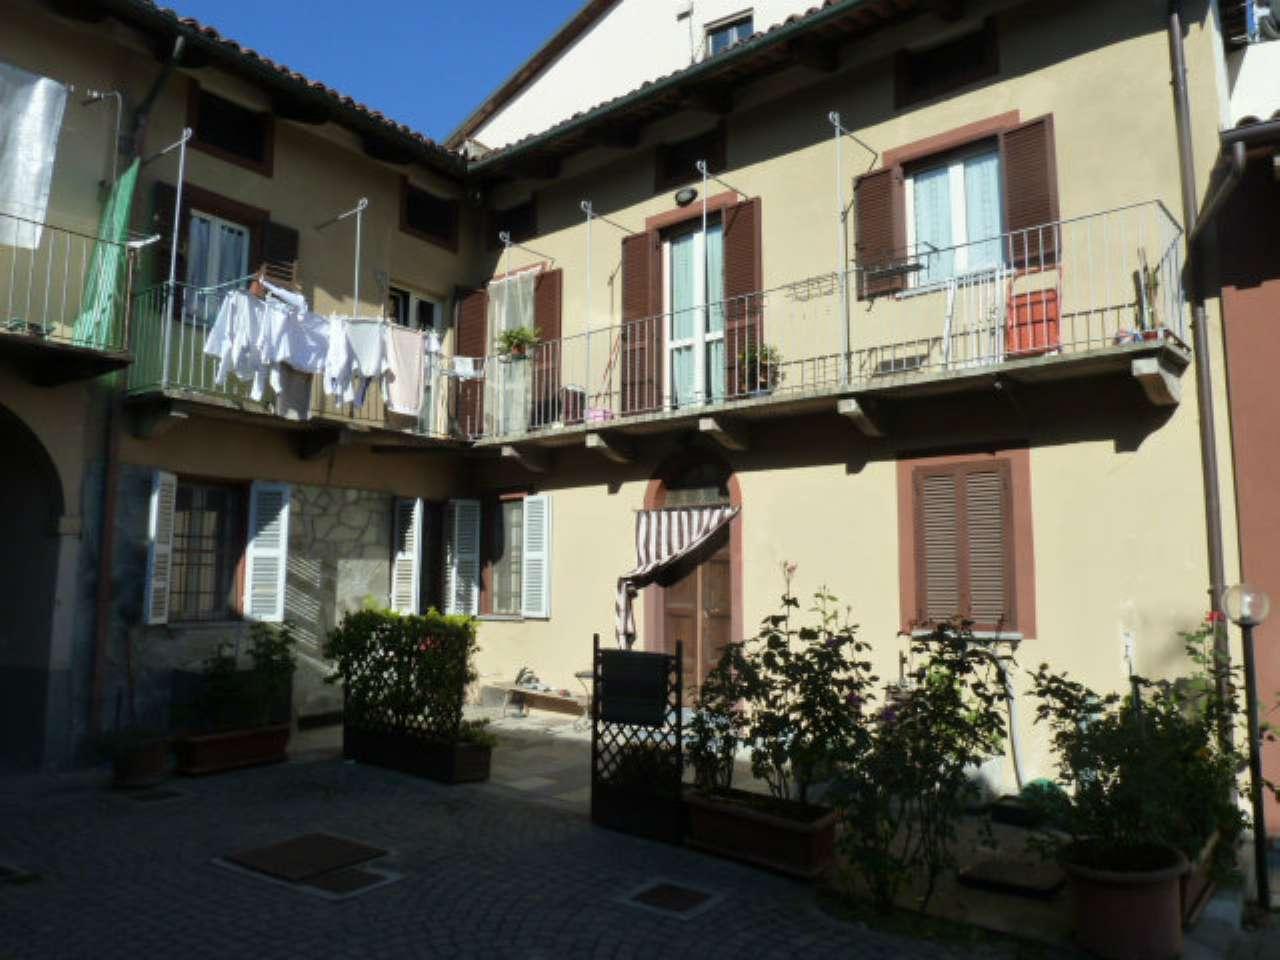 Soluzione Indipendente in vendita a Riva Presso Chieri, 7 locali, prezzo € 190.000 | PortaleAgenzieImmobiliari.it